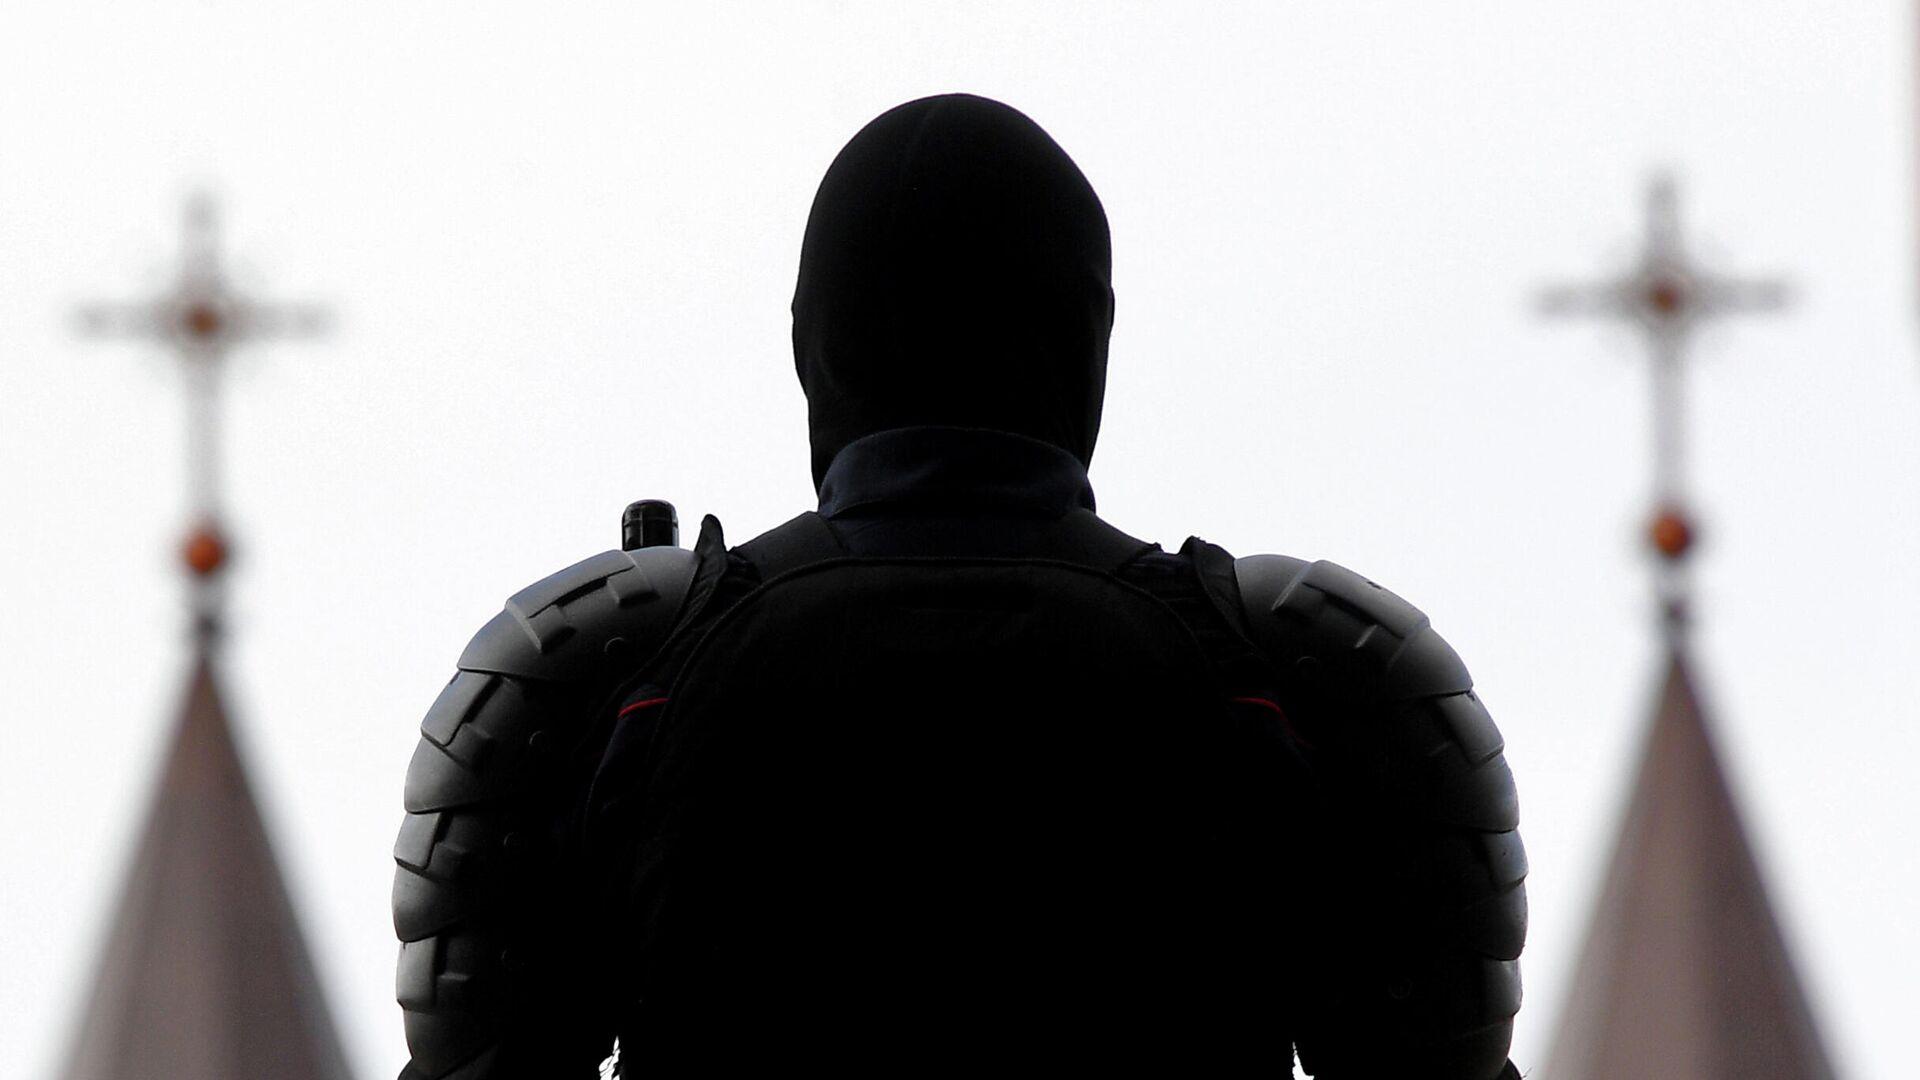 Сотрудник правоохранительных органов на площади Независимости в Минске - РИА Новости, 1920, 02.10.2020